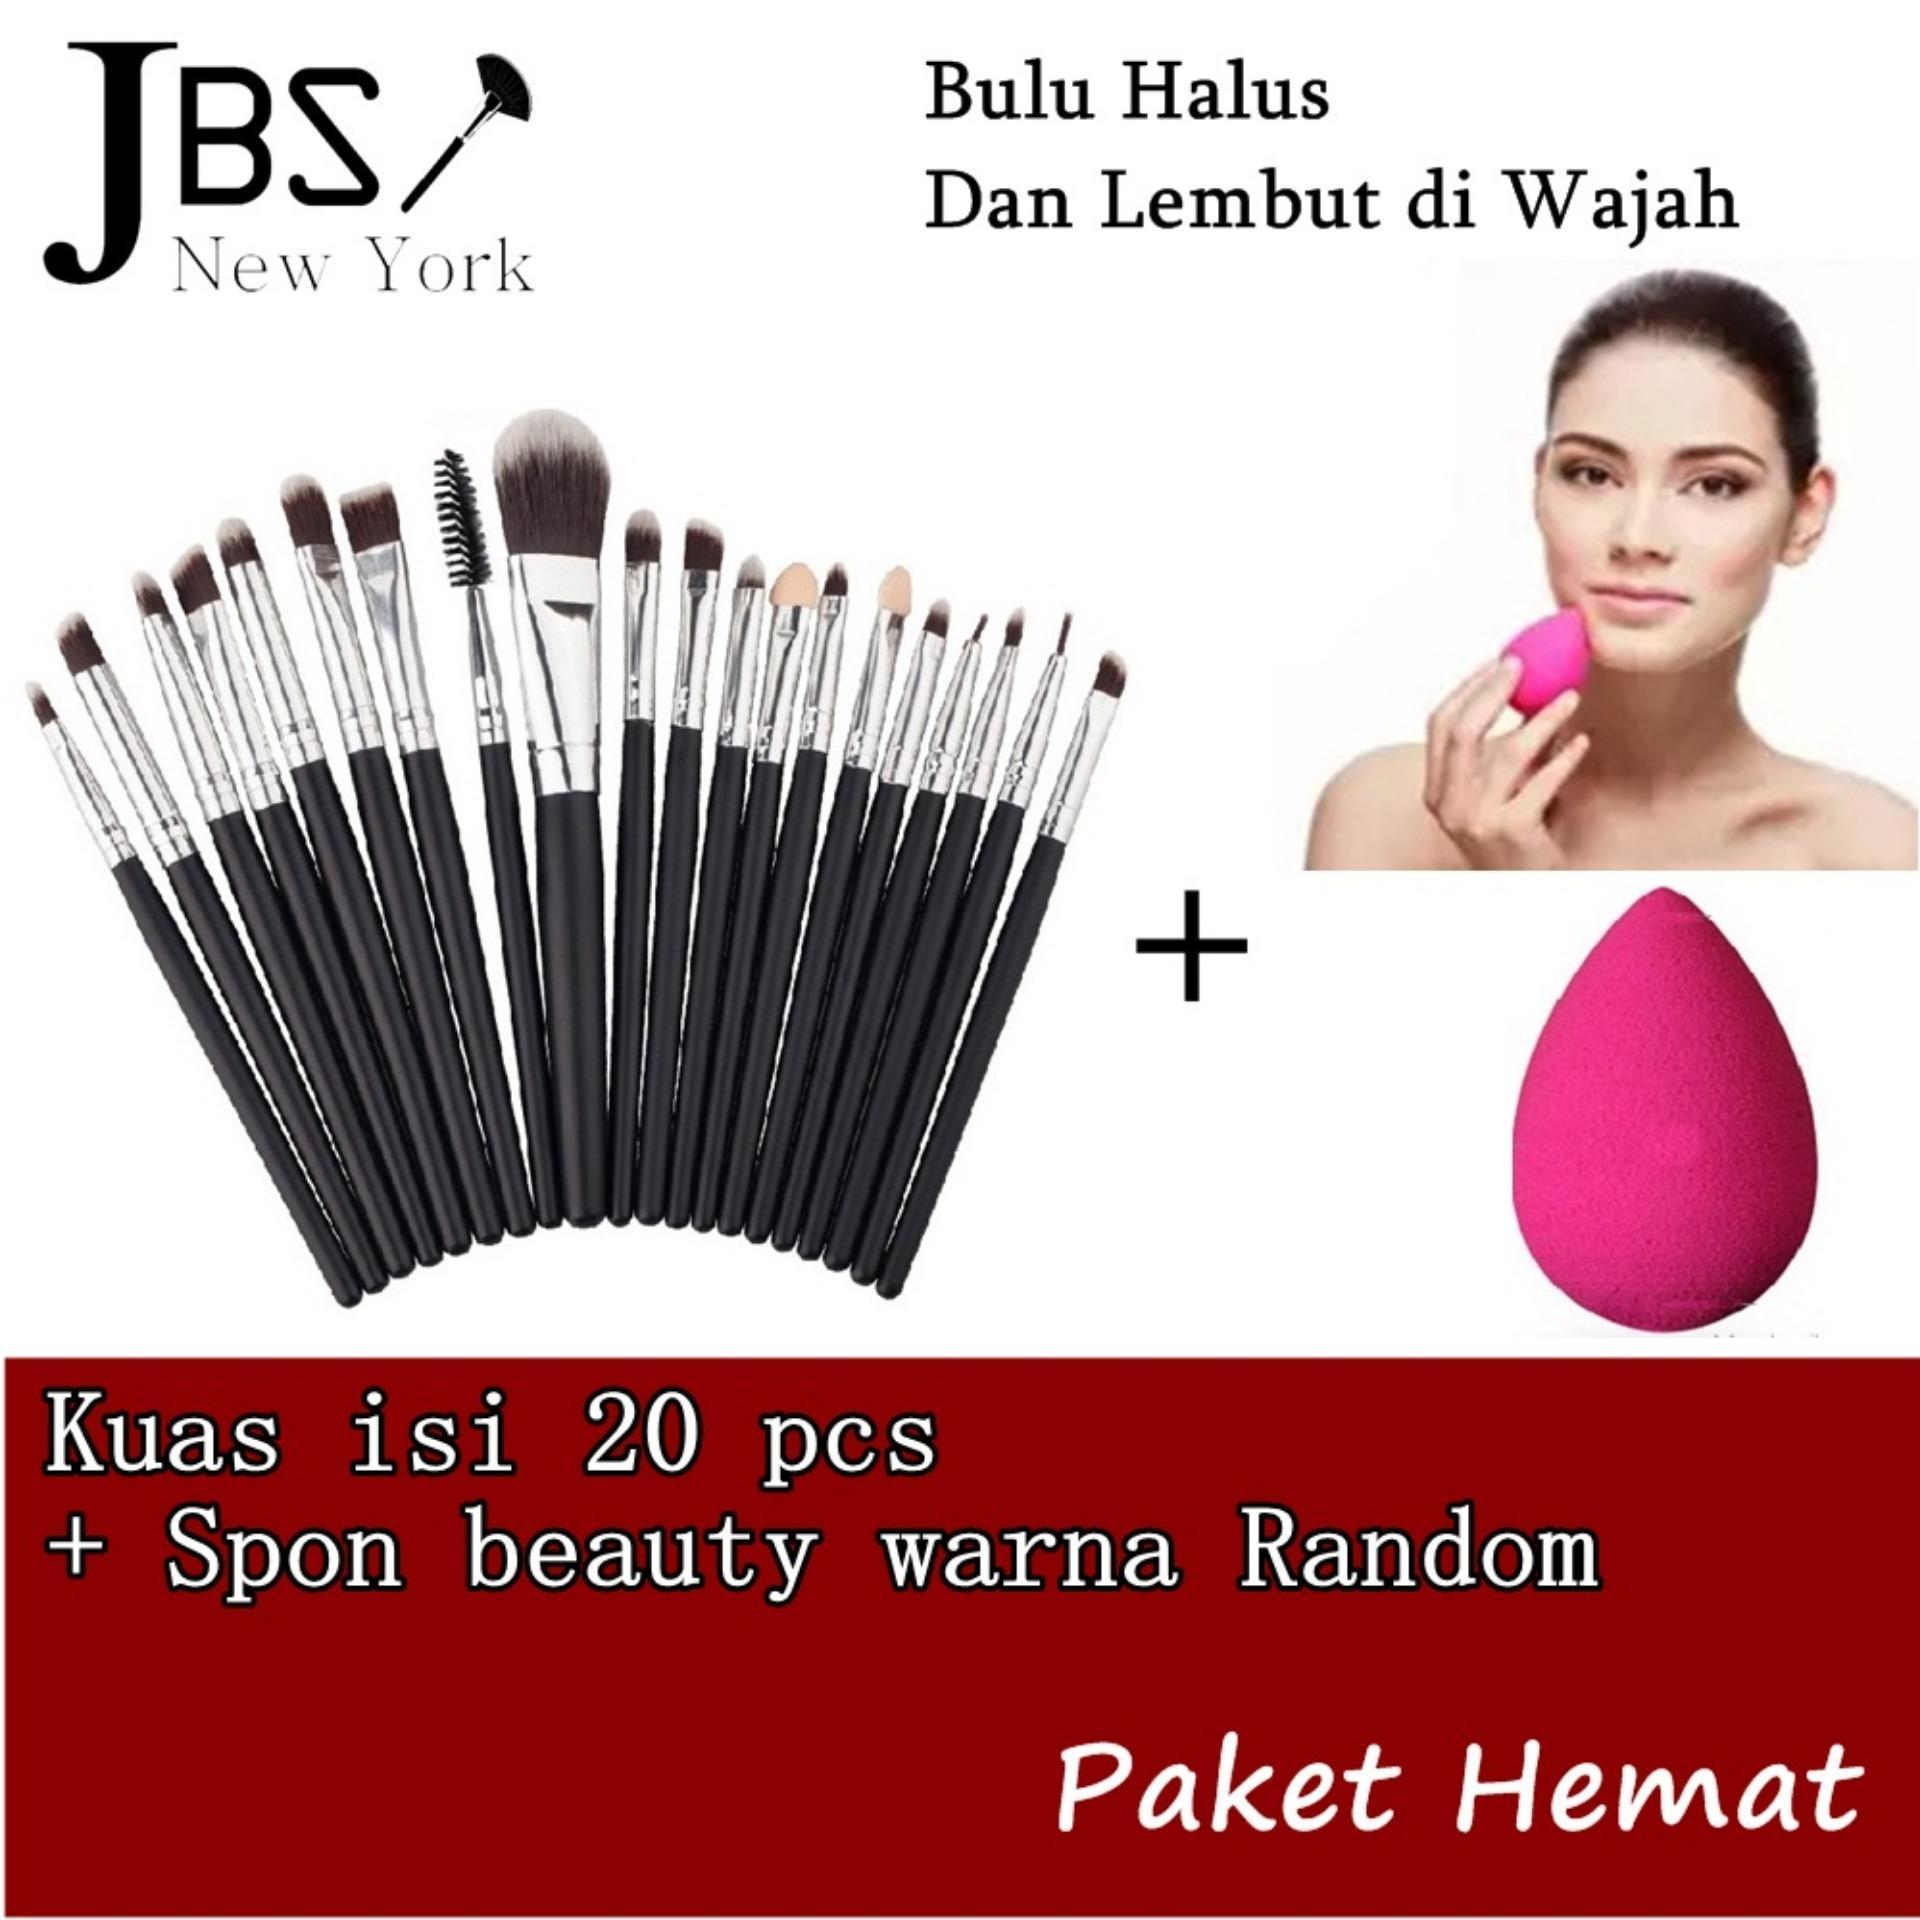 Daftar Harga Set Blender Terbaru Bulan Ini Oktober 2018 Jbs New York Kuas Makeup Paket K 070 Brush Egg Spon Telur Bundle Isi 10 Pcs Dan Beauty